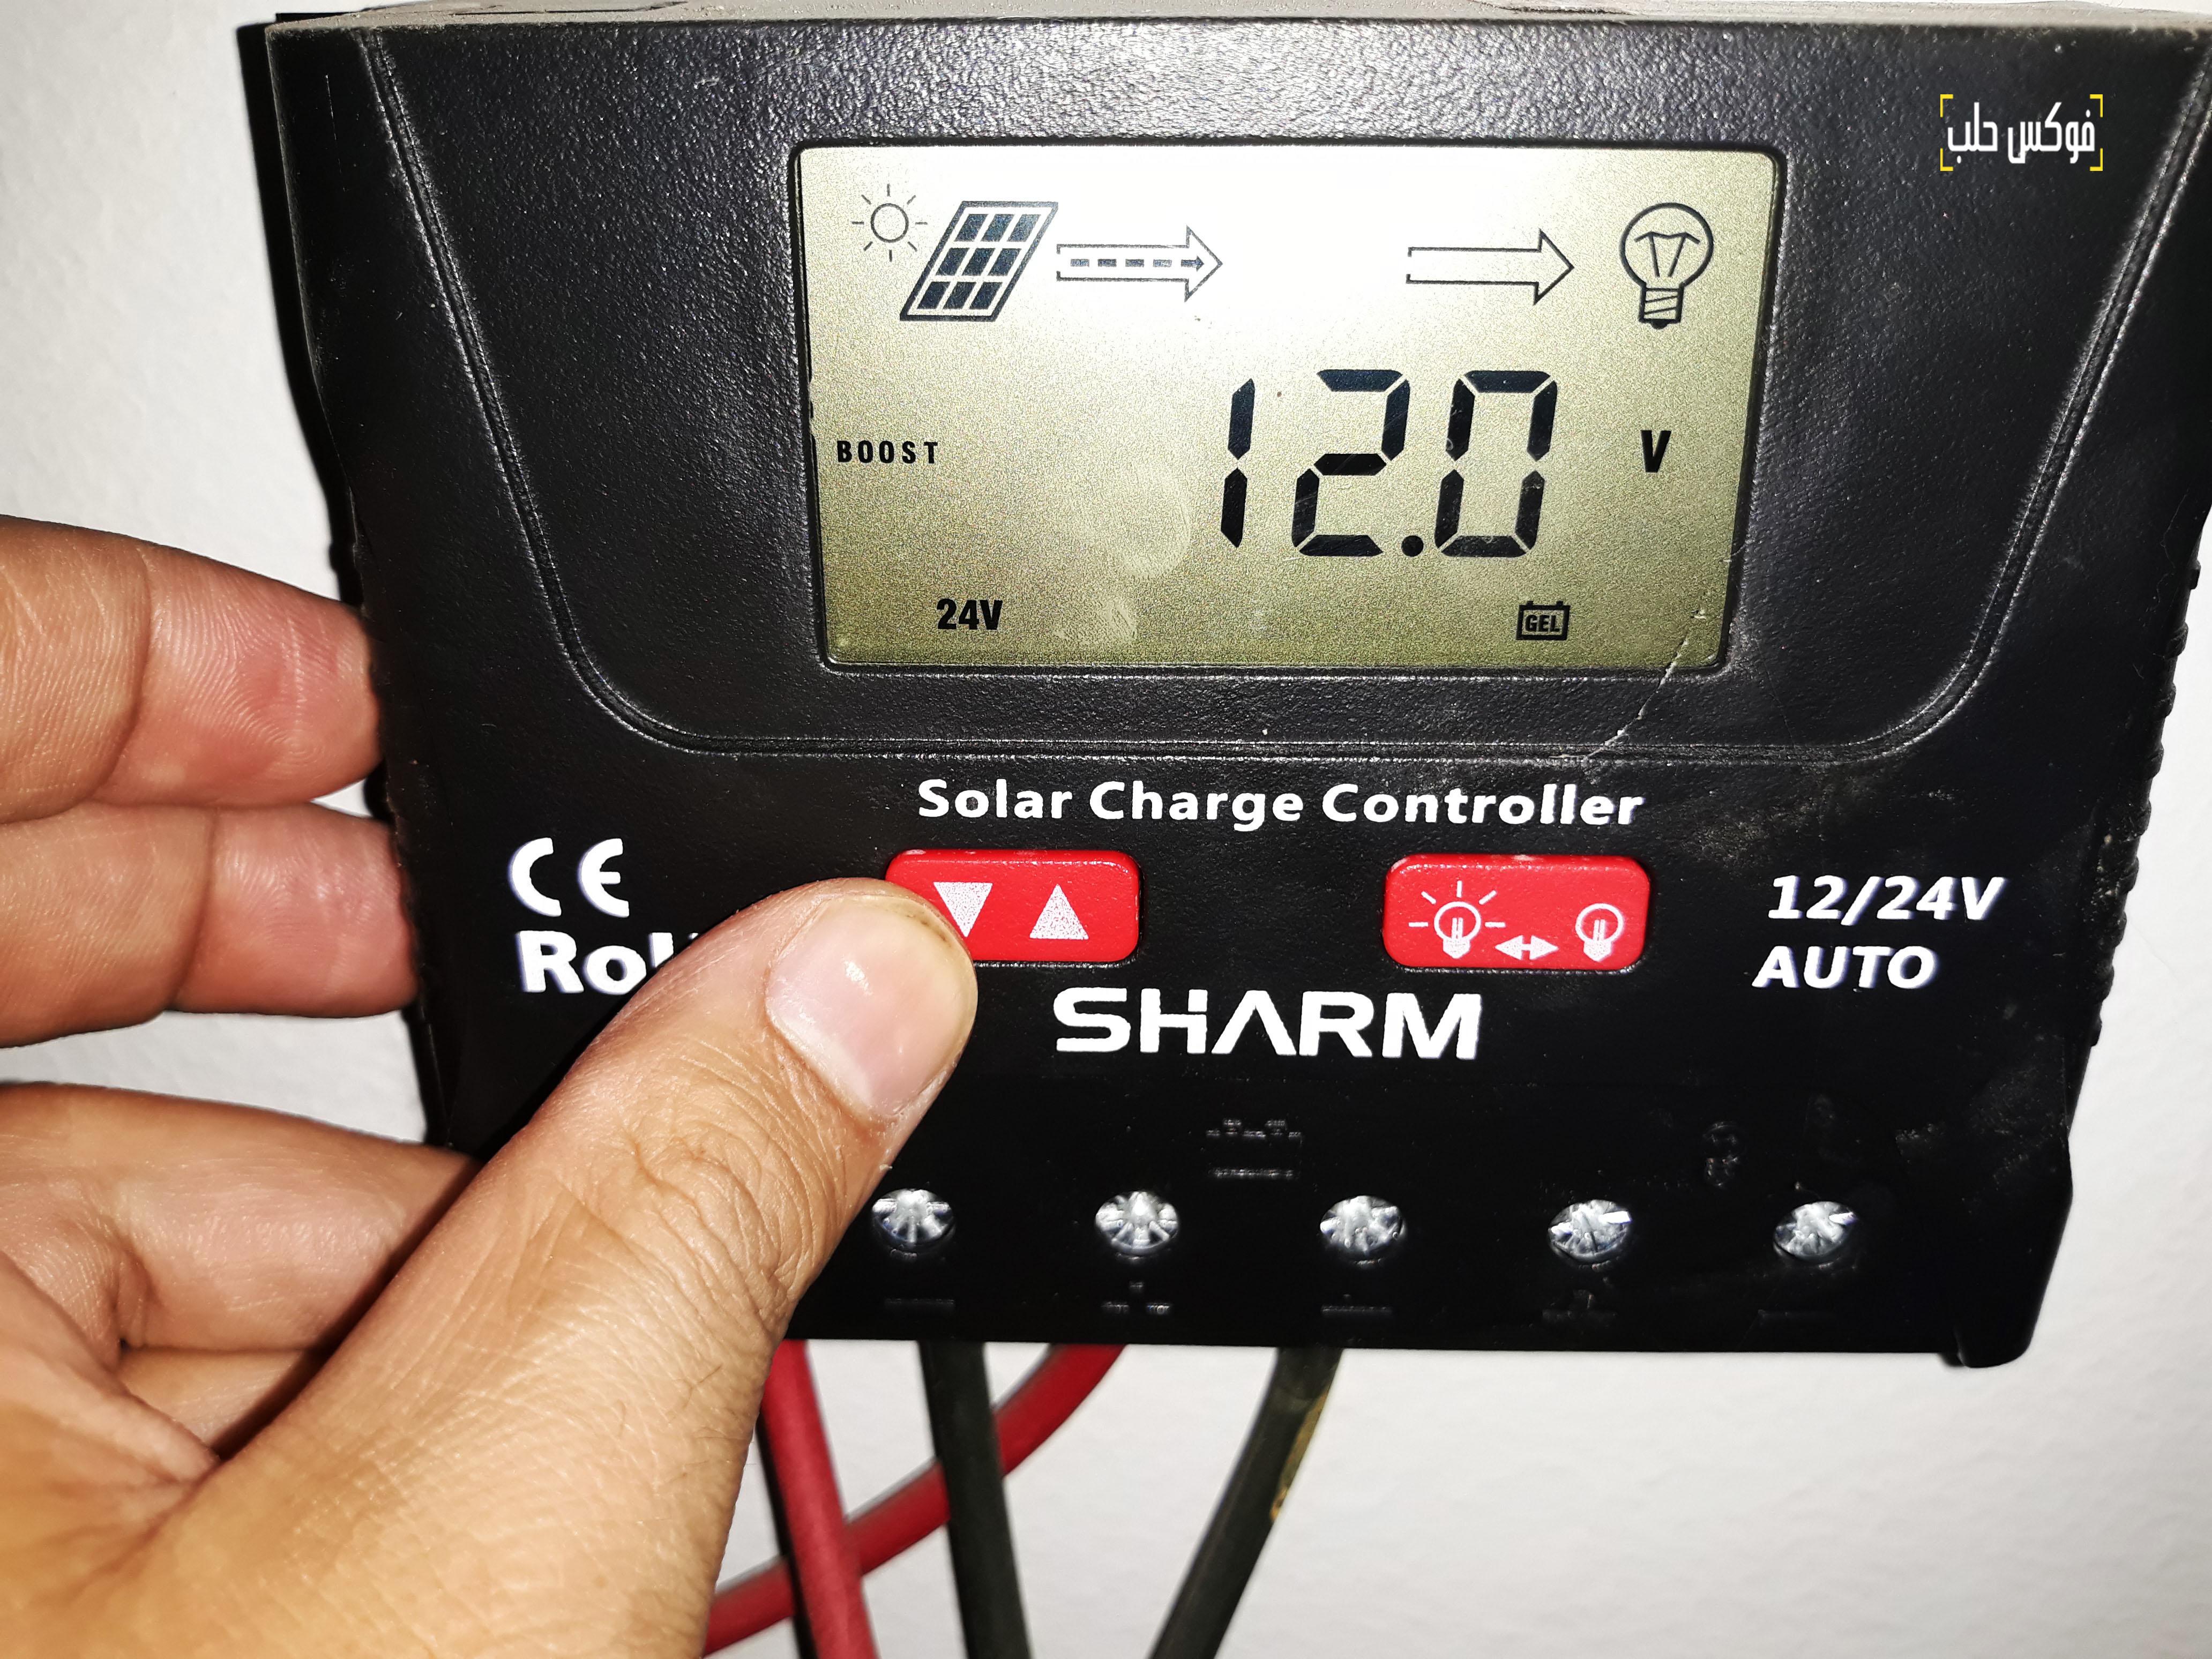 دارة شحن حديثة لألواح الطاقة الشمسية.